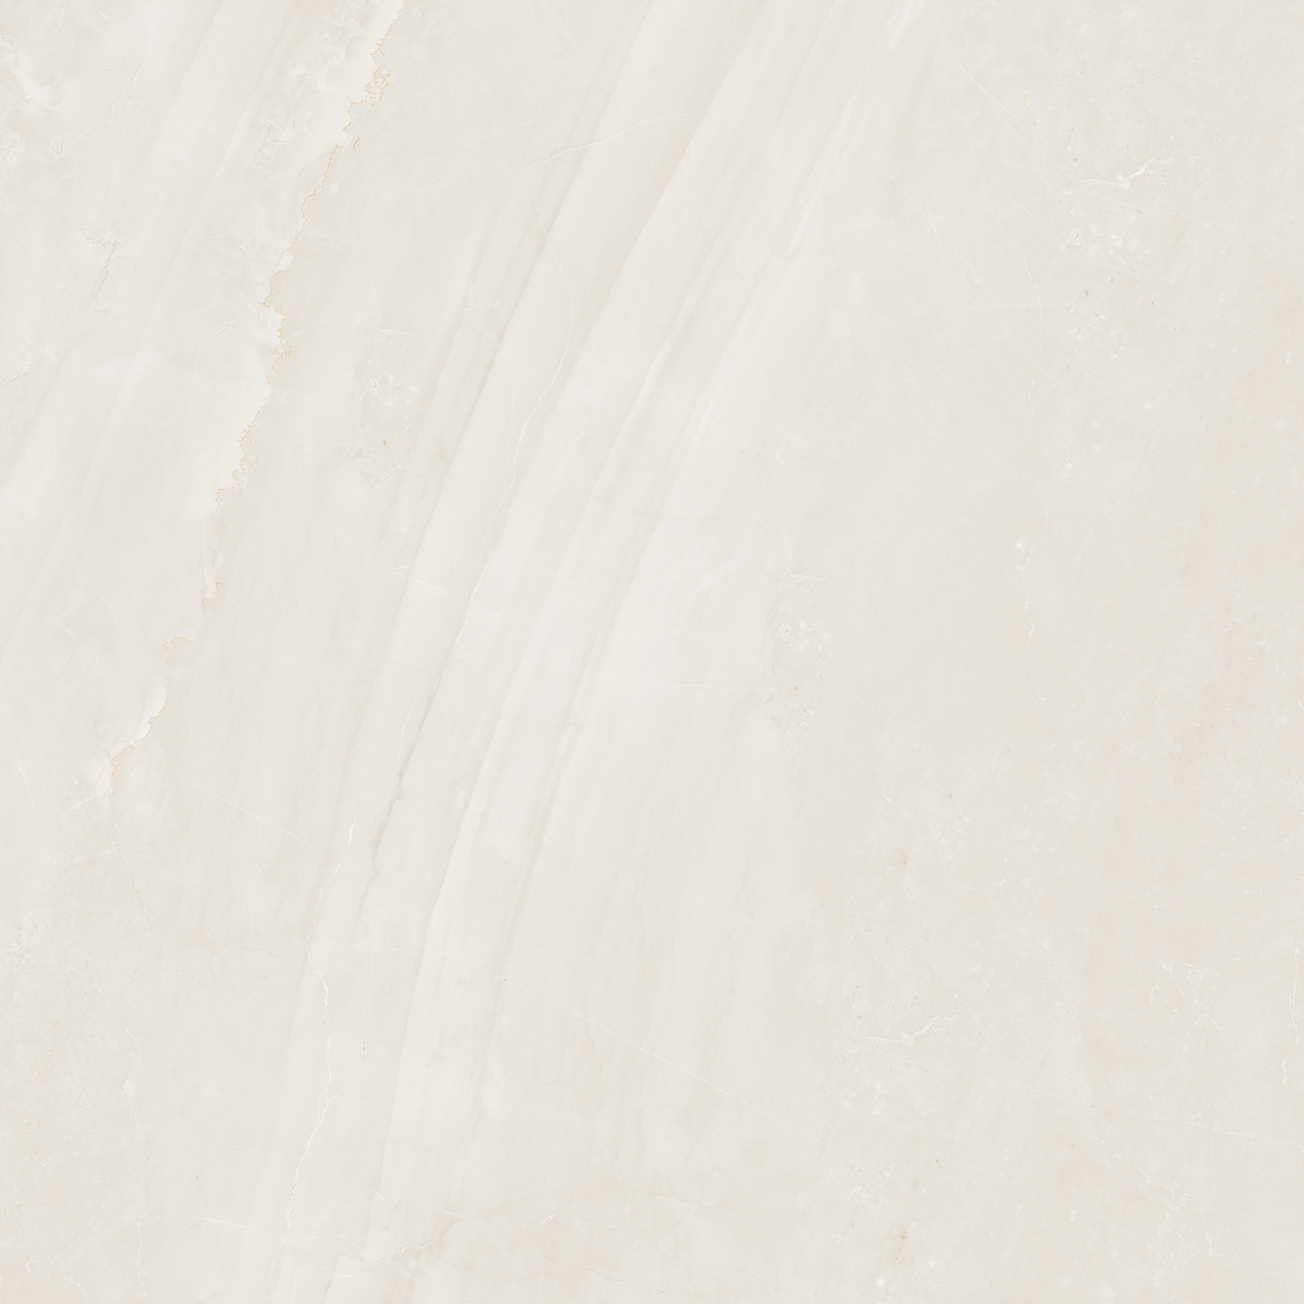 罗纳河  HPG80161,800x800;HPG26161,600x1200